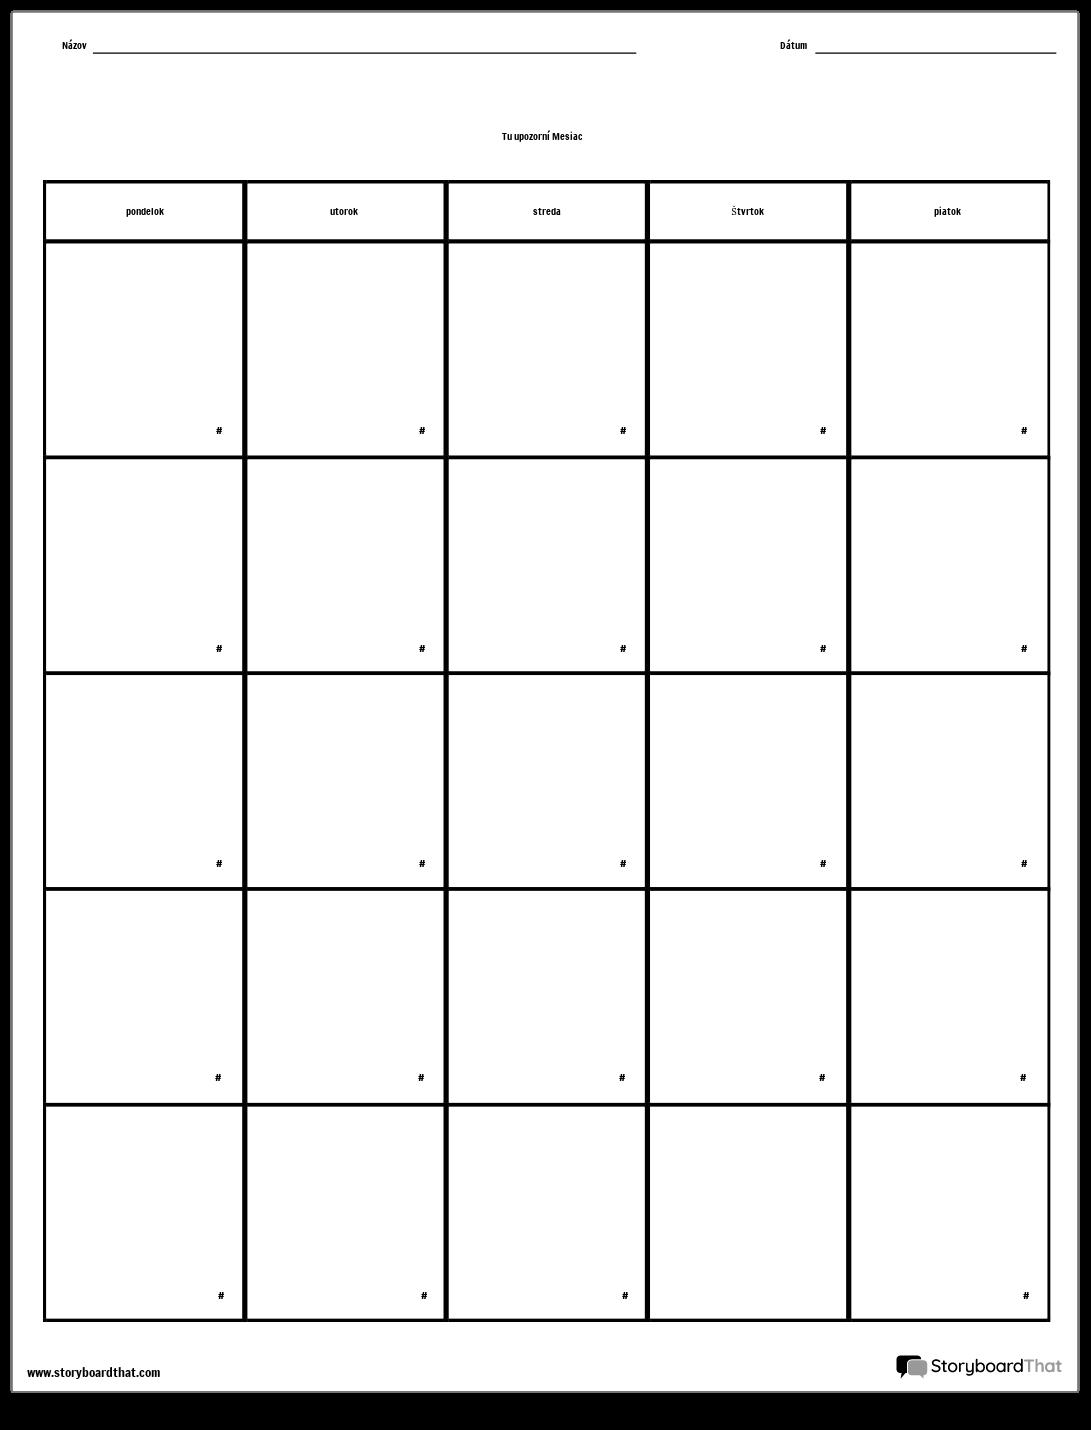 kalendar sk Kalendár   Týždeň Storyboard by sk examples kalendar sk